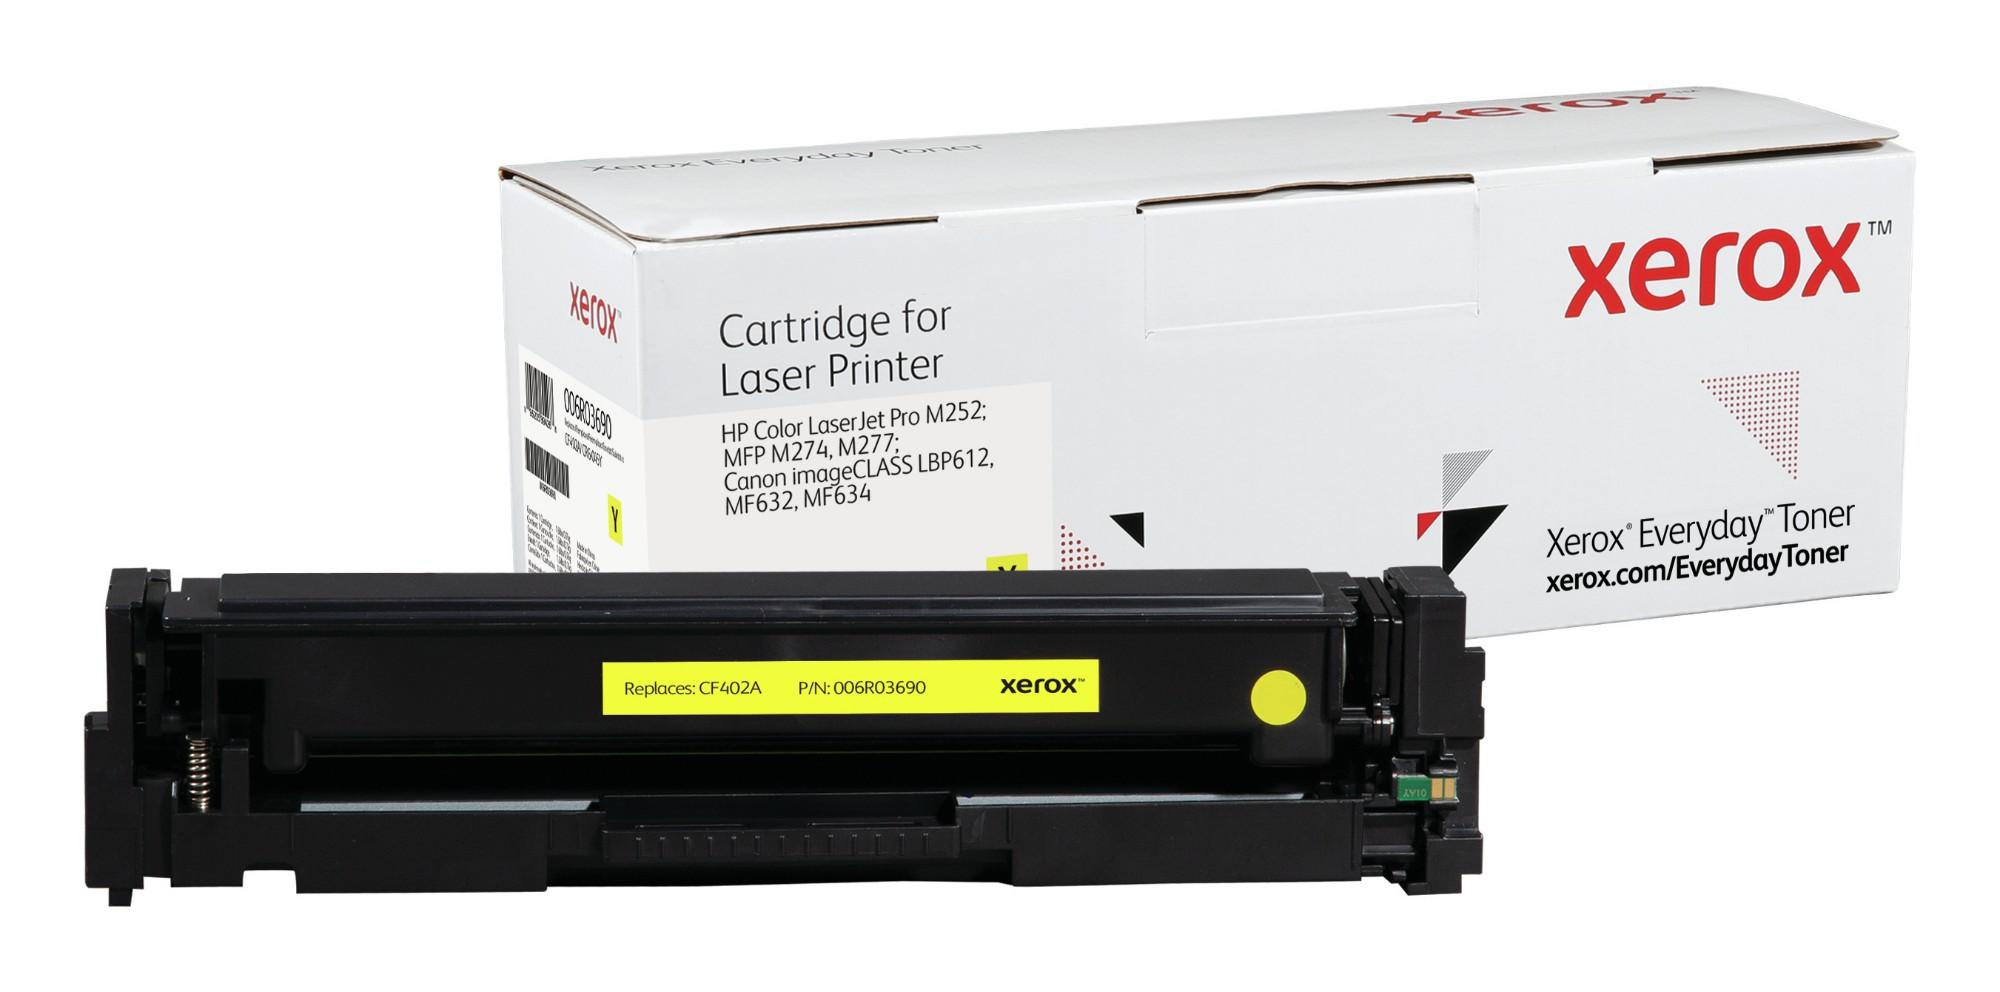 Xerox Tóner de Rendimiento estándar Amarillo Everyday, HP CF402A/ CRG-045Y equivalente de , 1400 páginas